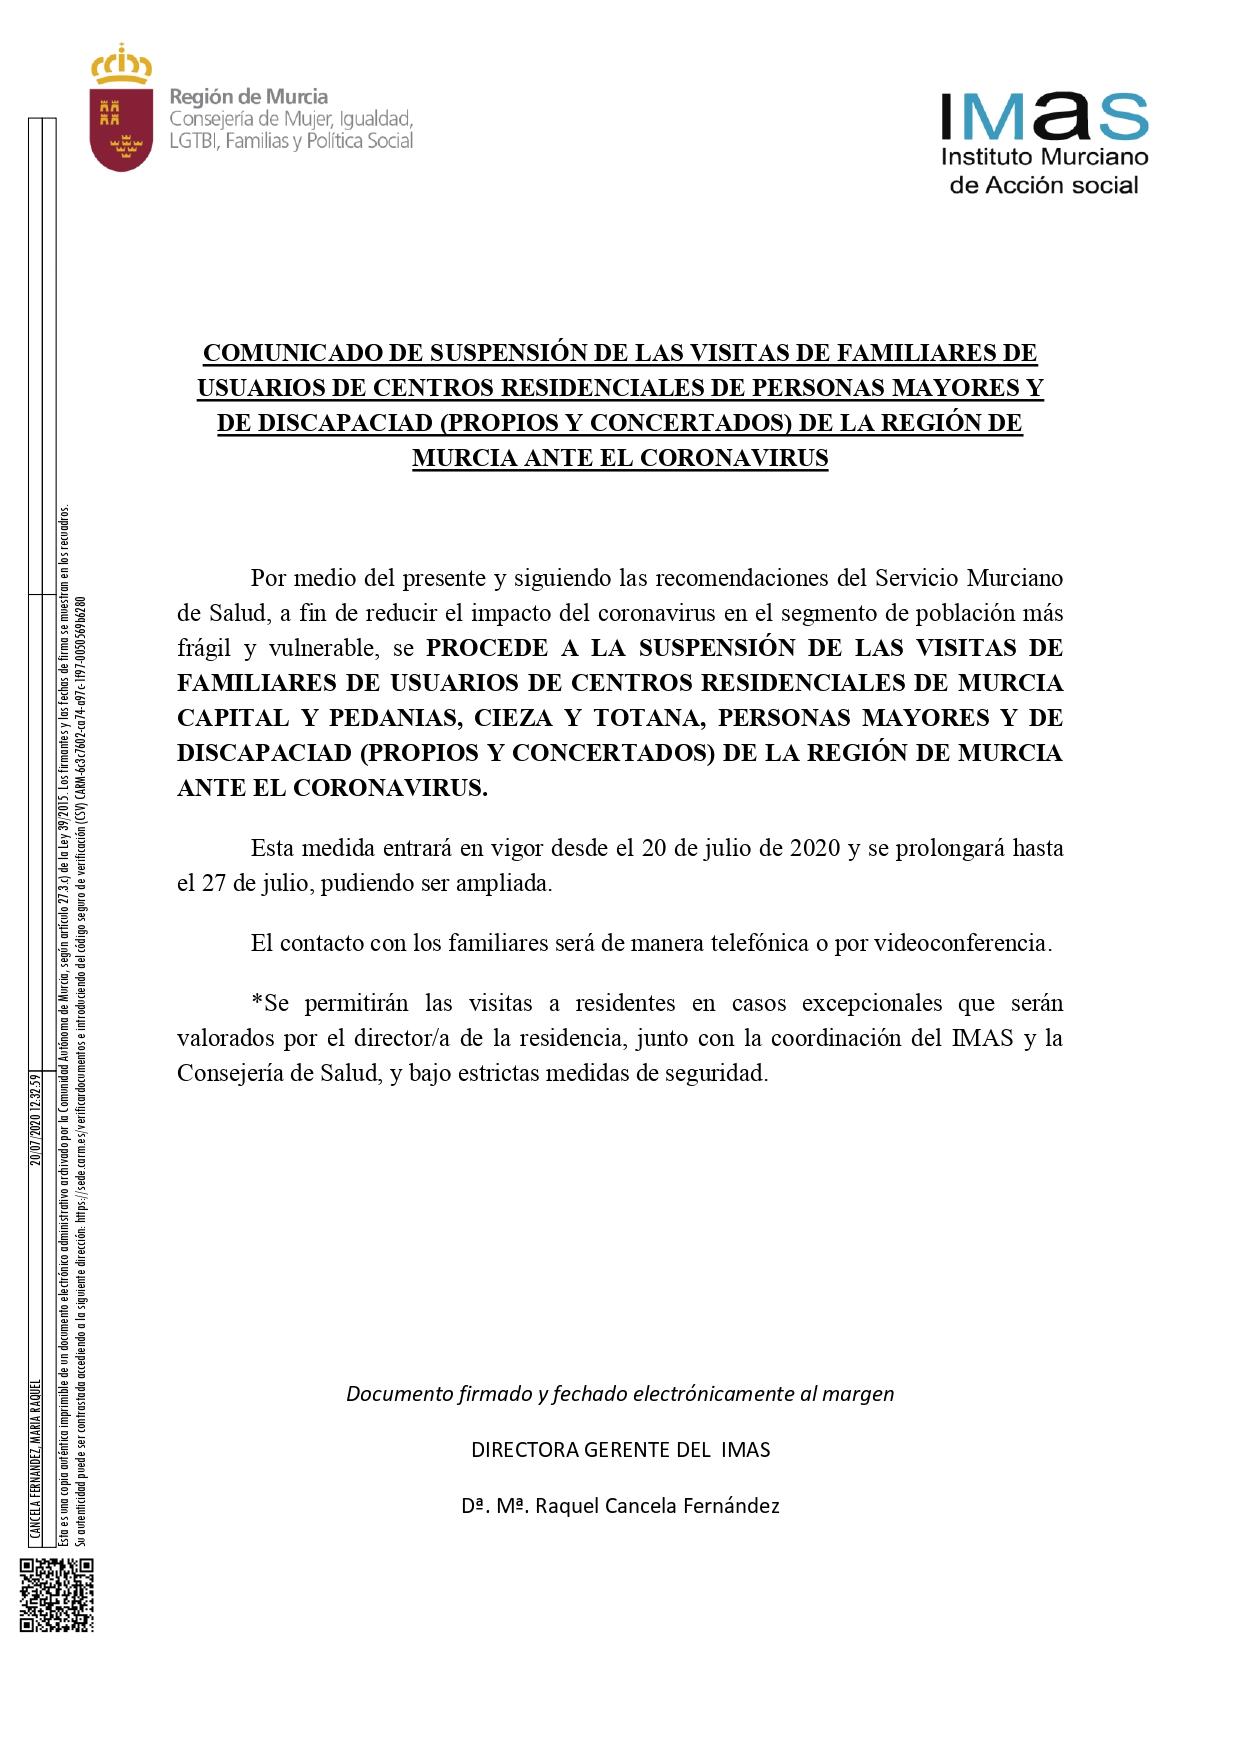 Suspensión de visitas de familiares en residencias de Murcia y pedanías.